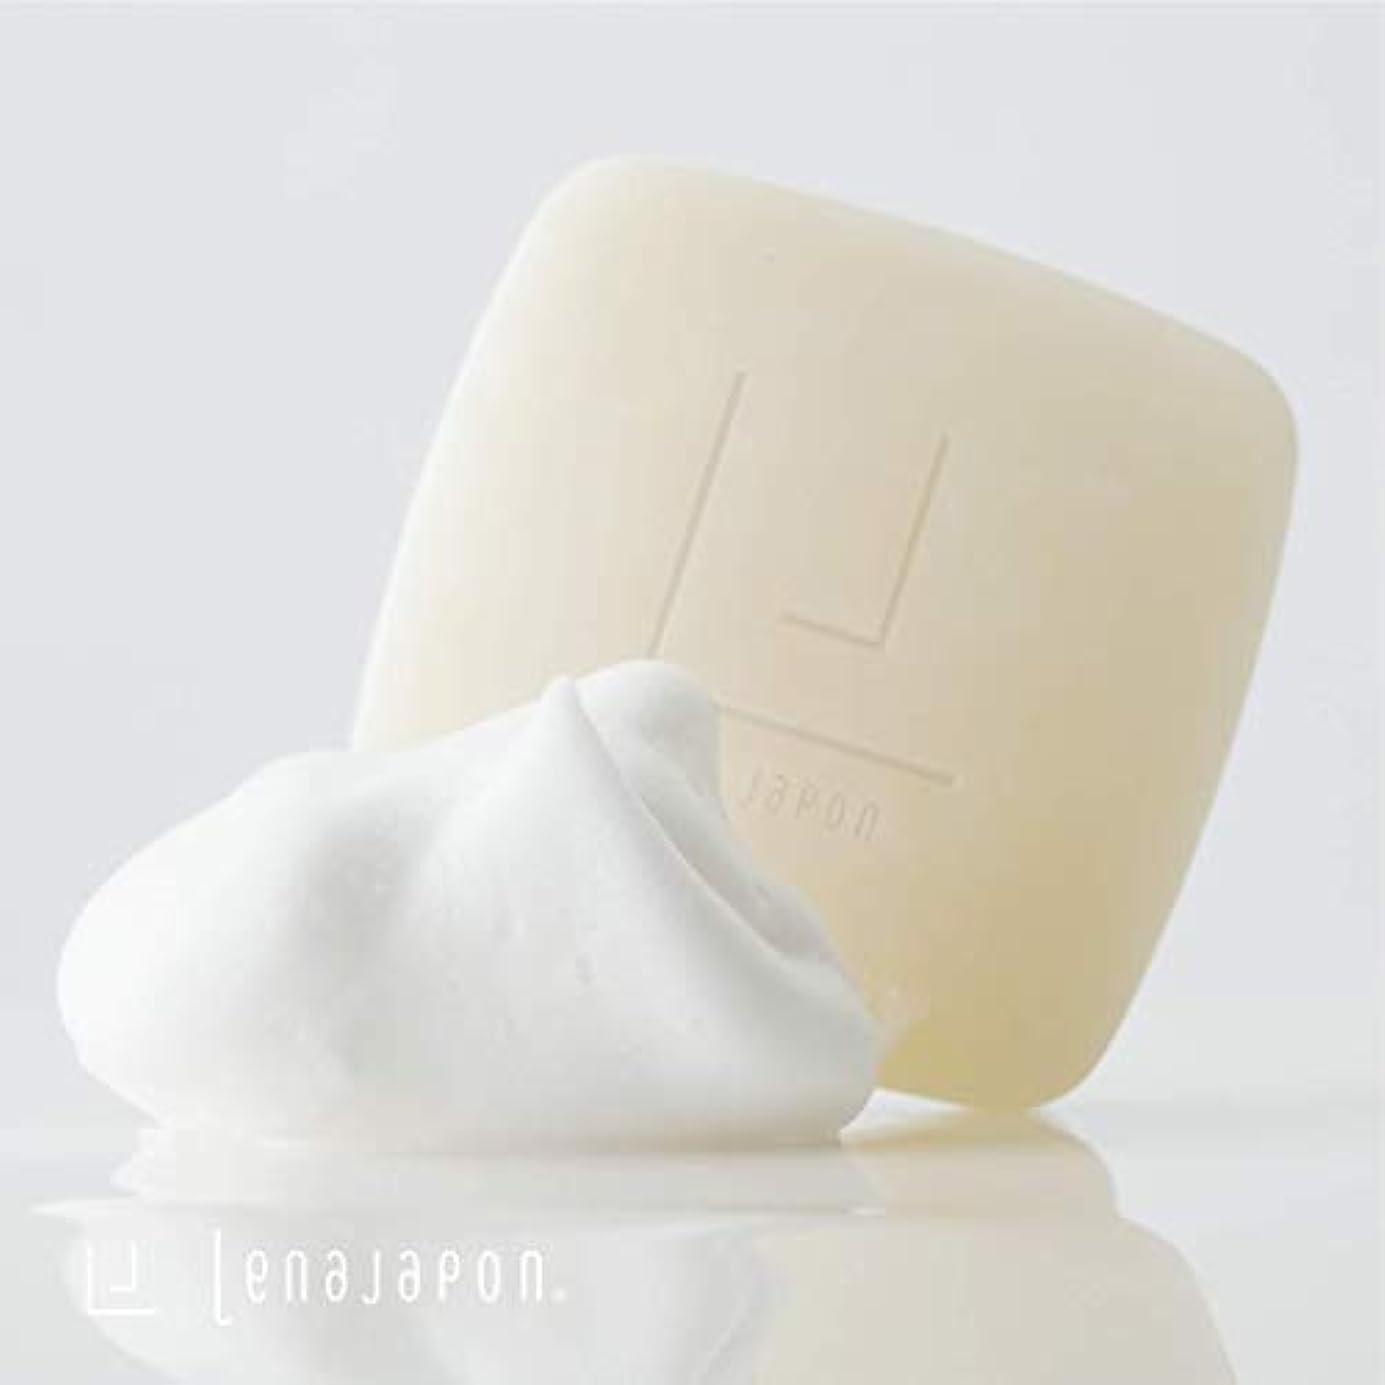 腐った最小ねじれレナジャポン〈洗顔石鹸〉LJ モイストバー / LENAJAPON 〈rich foaming face soap〉 LJ MOIST BAR